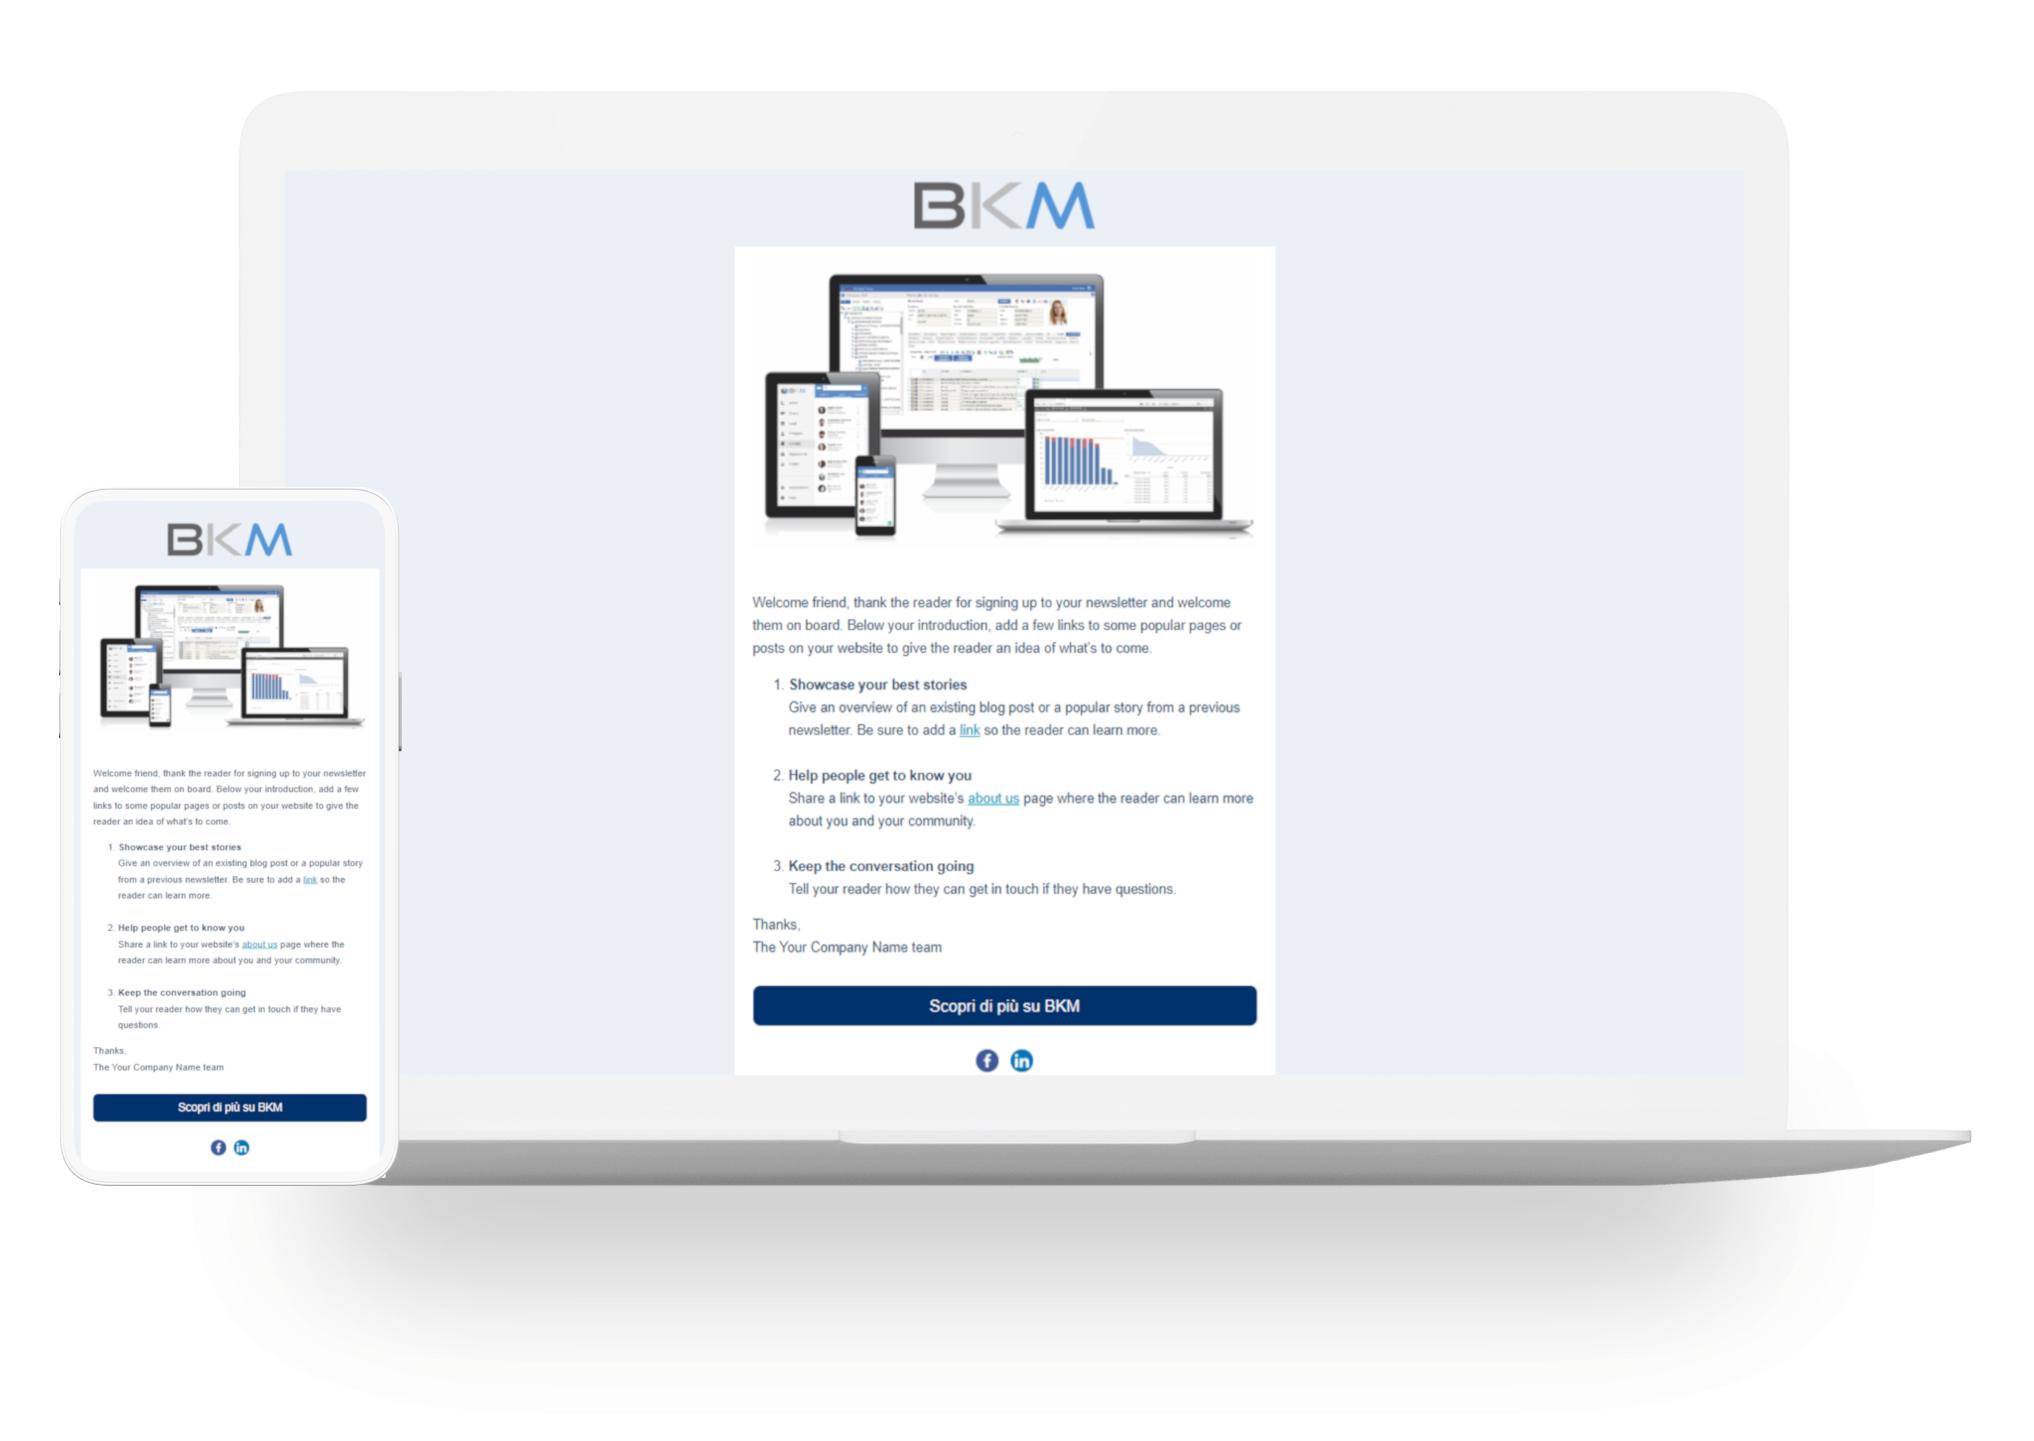 gestione campagne marketing e invio newsletter